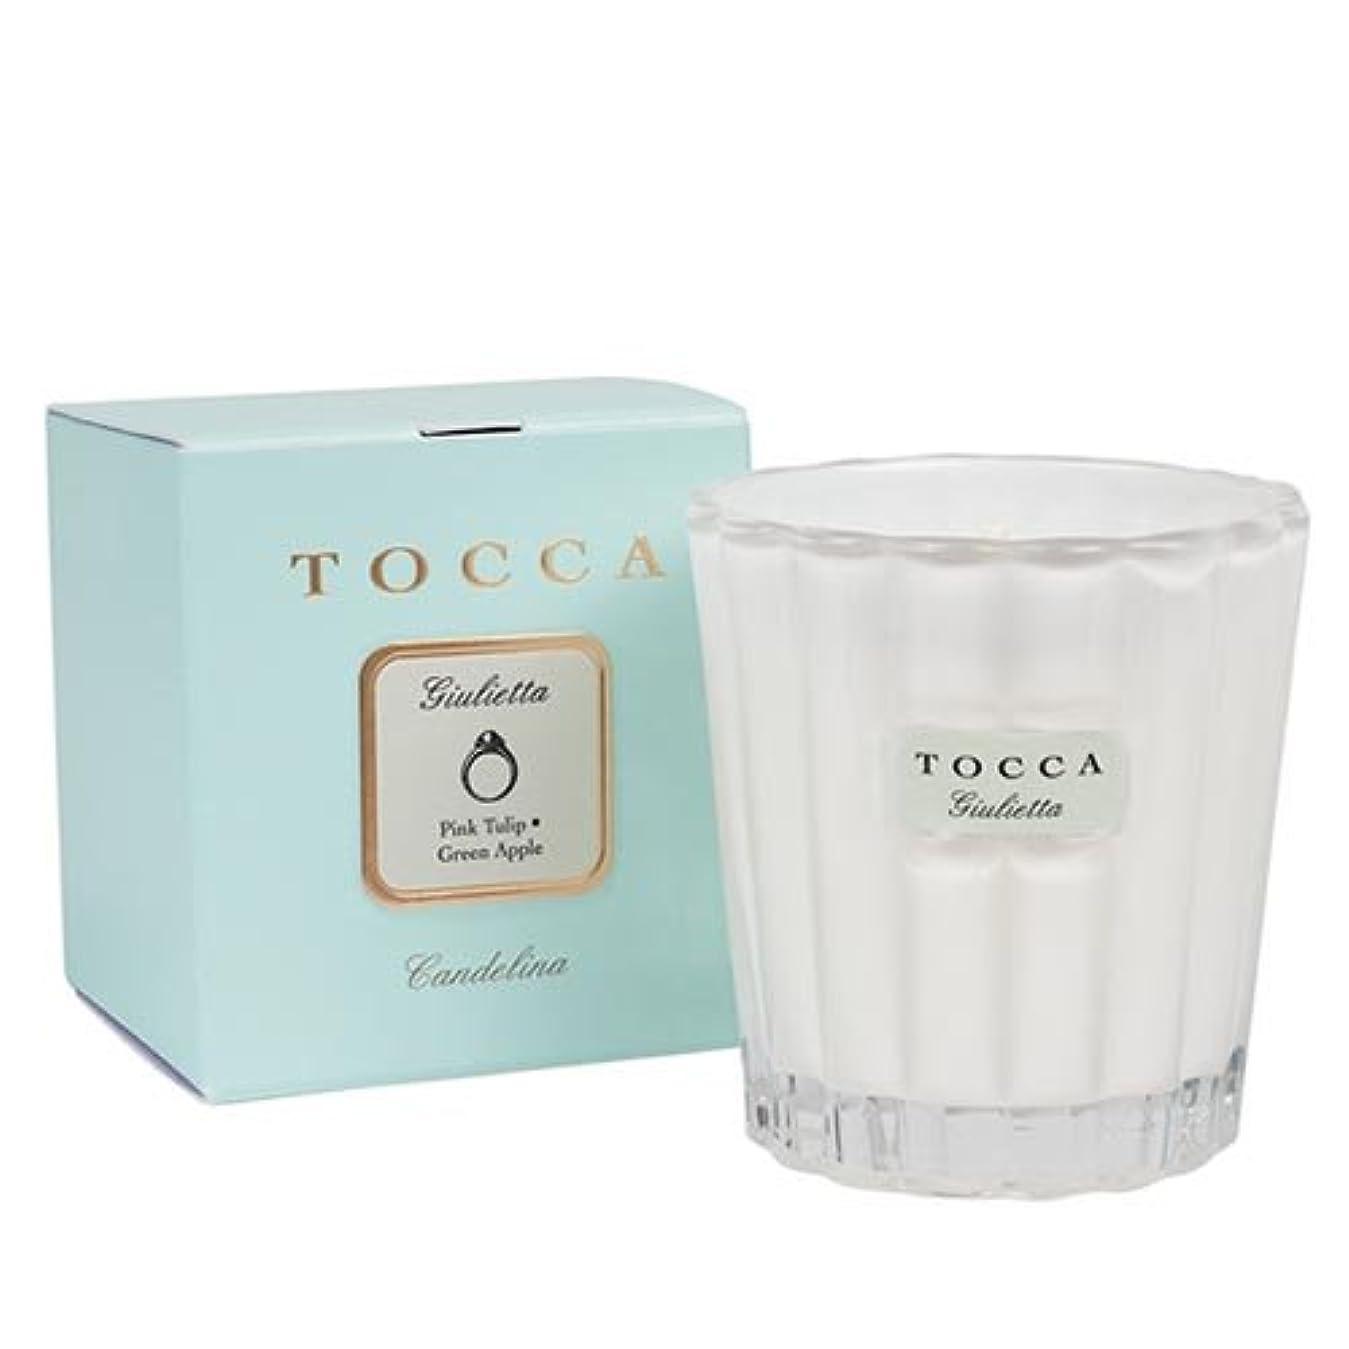 チャンバー修理可能地下室CONCENT TOCCA (トッカ) キャンデリーナ (ジュリエッタの香り)